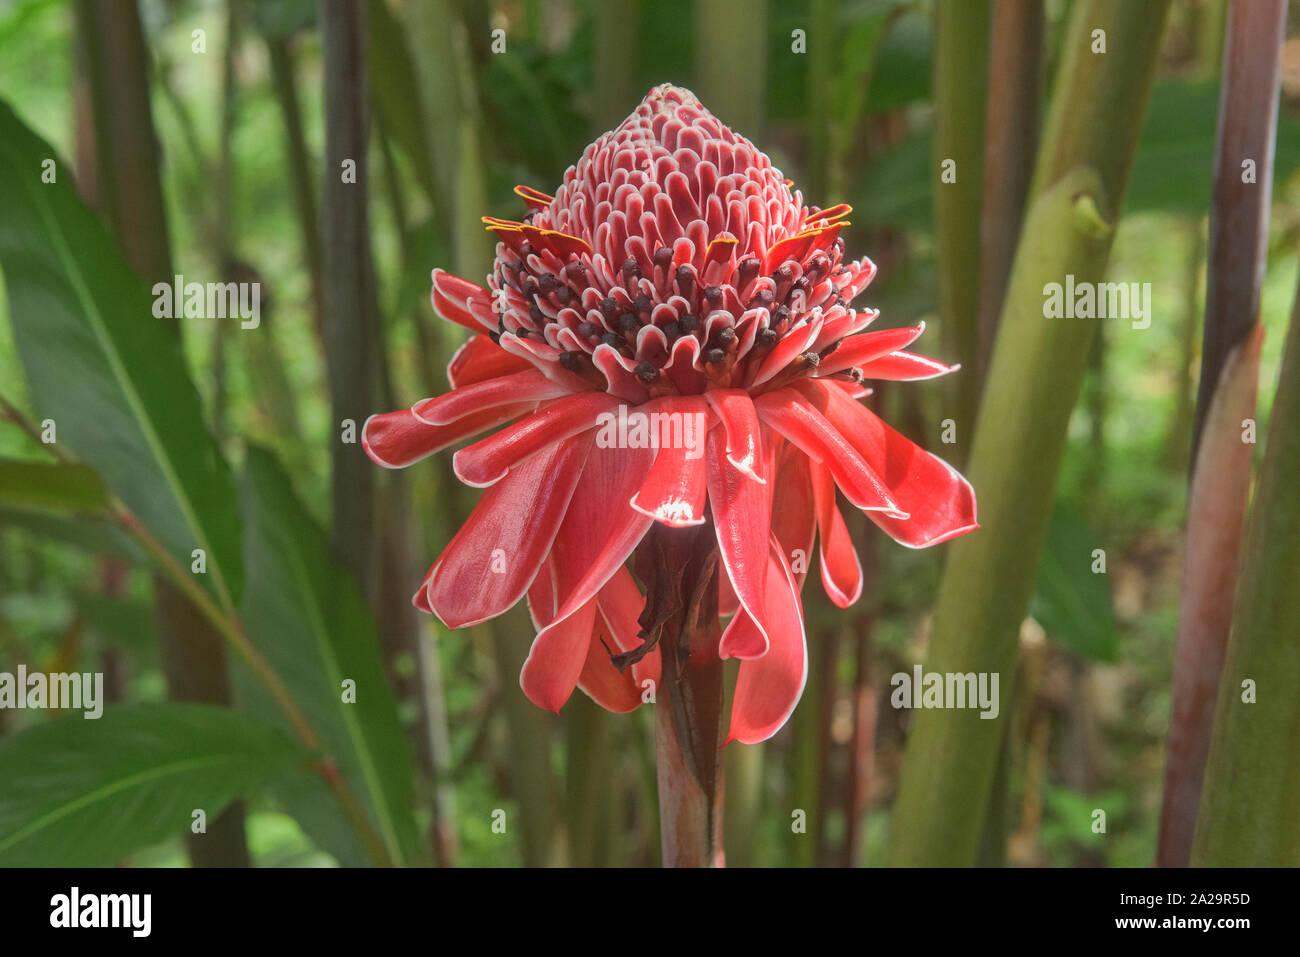 Bella rossa torcia zenzero (Etlingera elatior) fiore, Parco Nazionale Podocarpus, Zamora, Ecuador Foto Stock